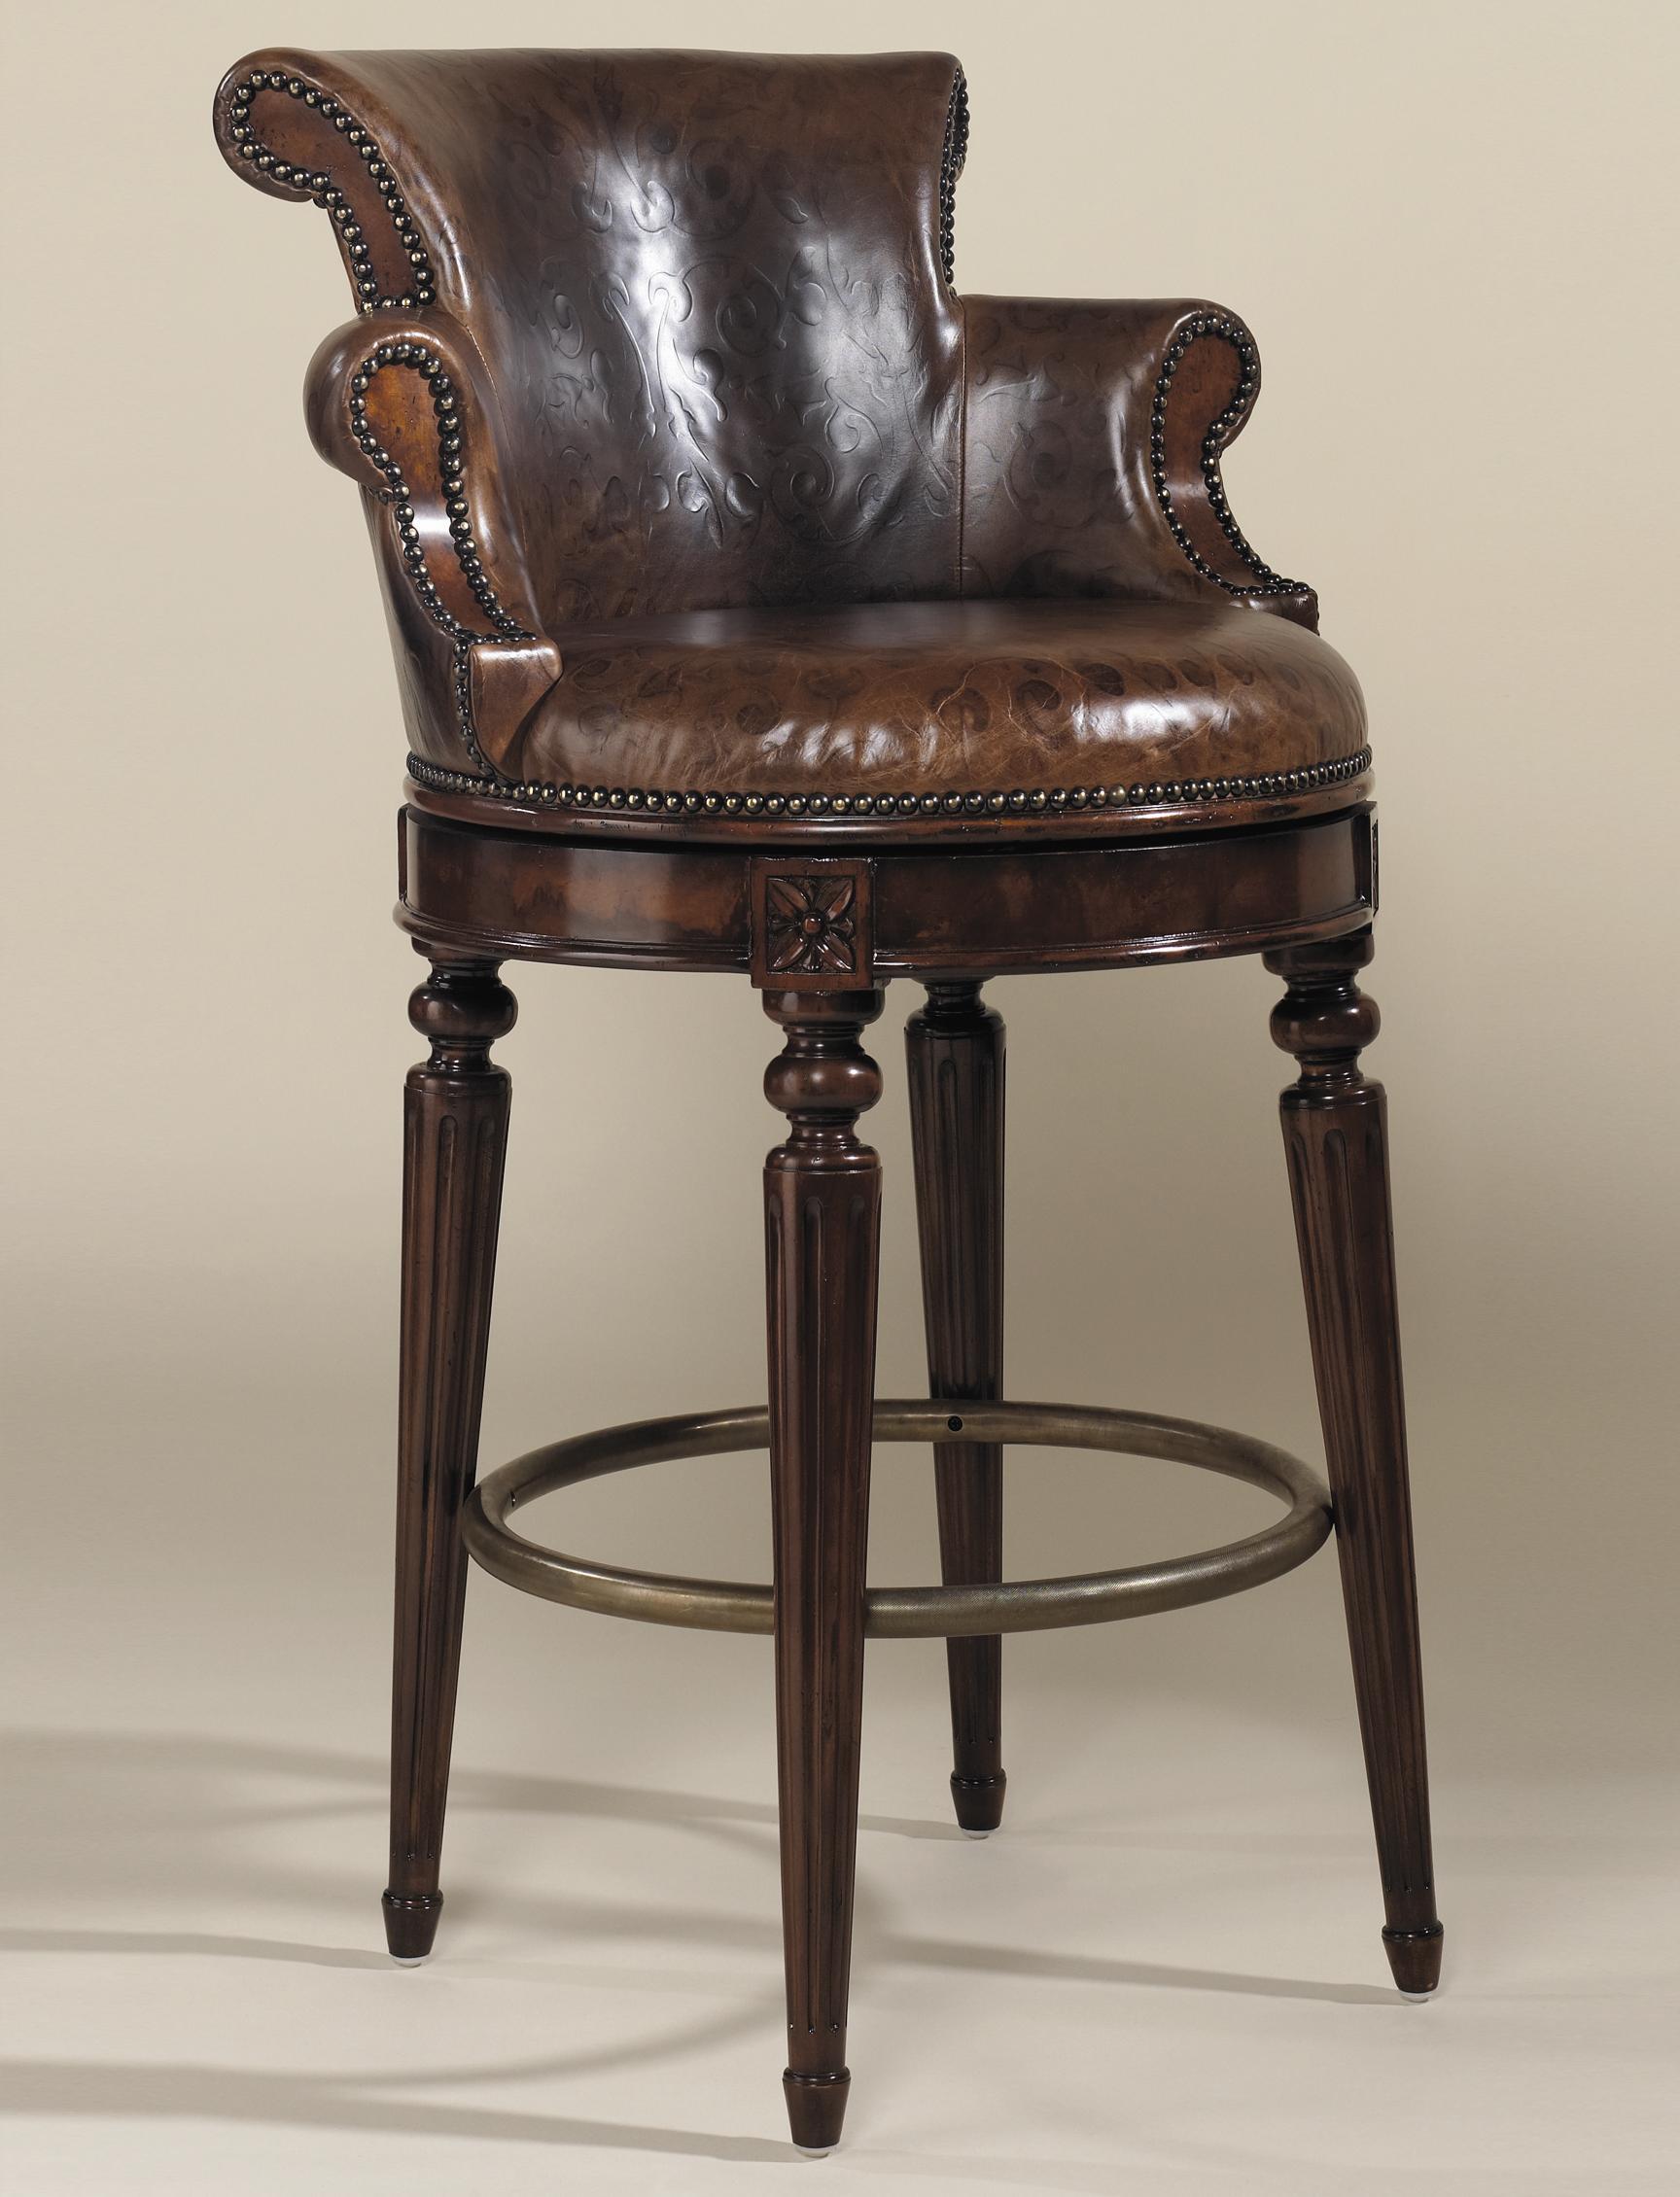 swivel chair regal hobby lobby table and chairs maitland smith bar stools aged regency finished mahogany stoolsmahogany barstool